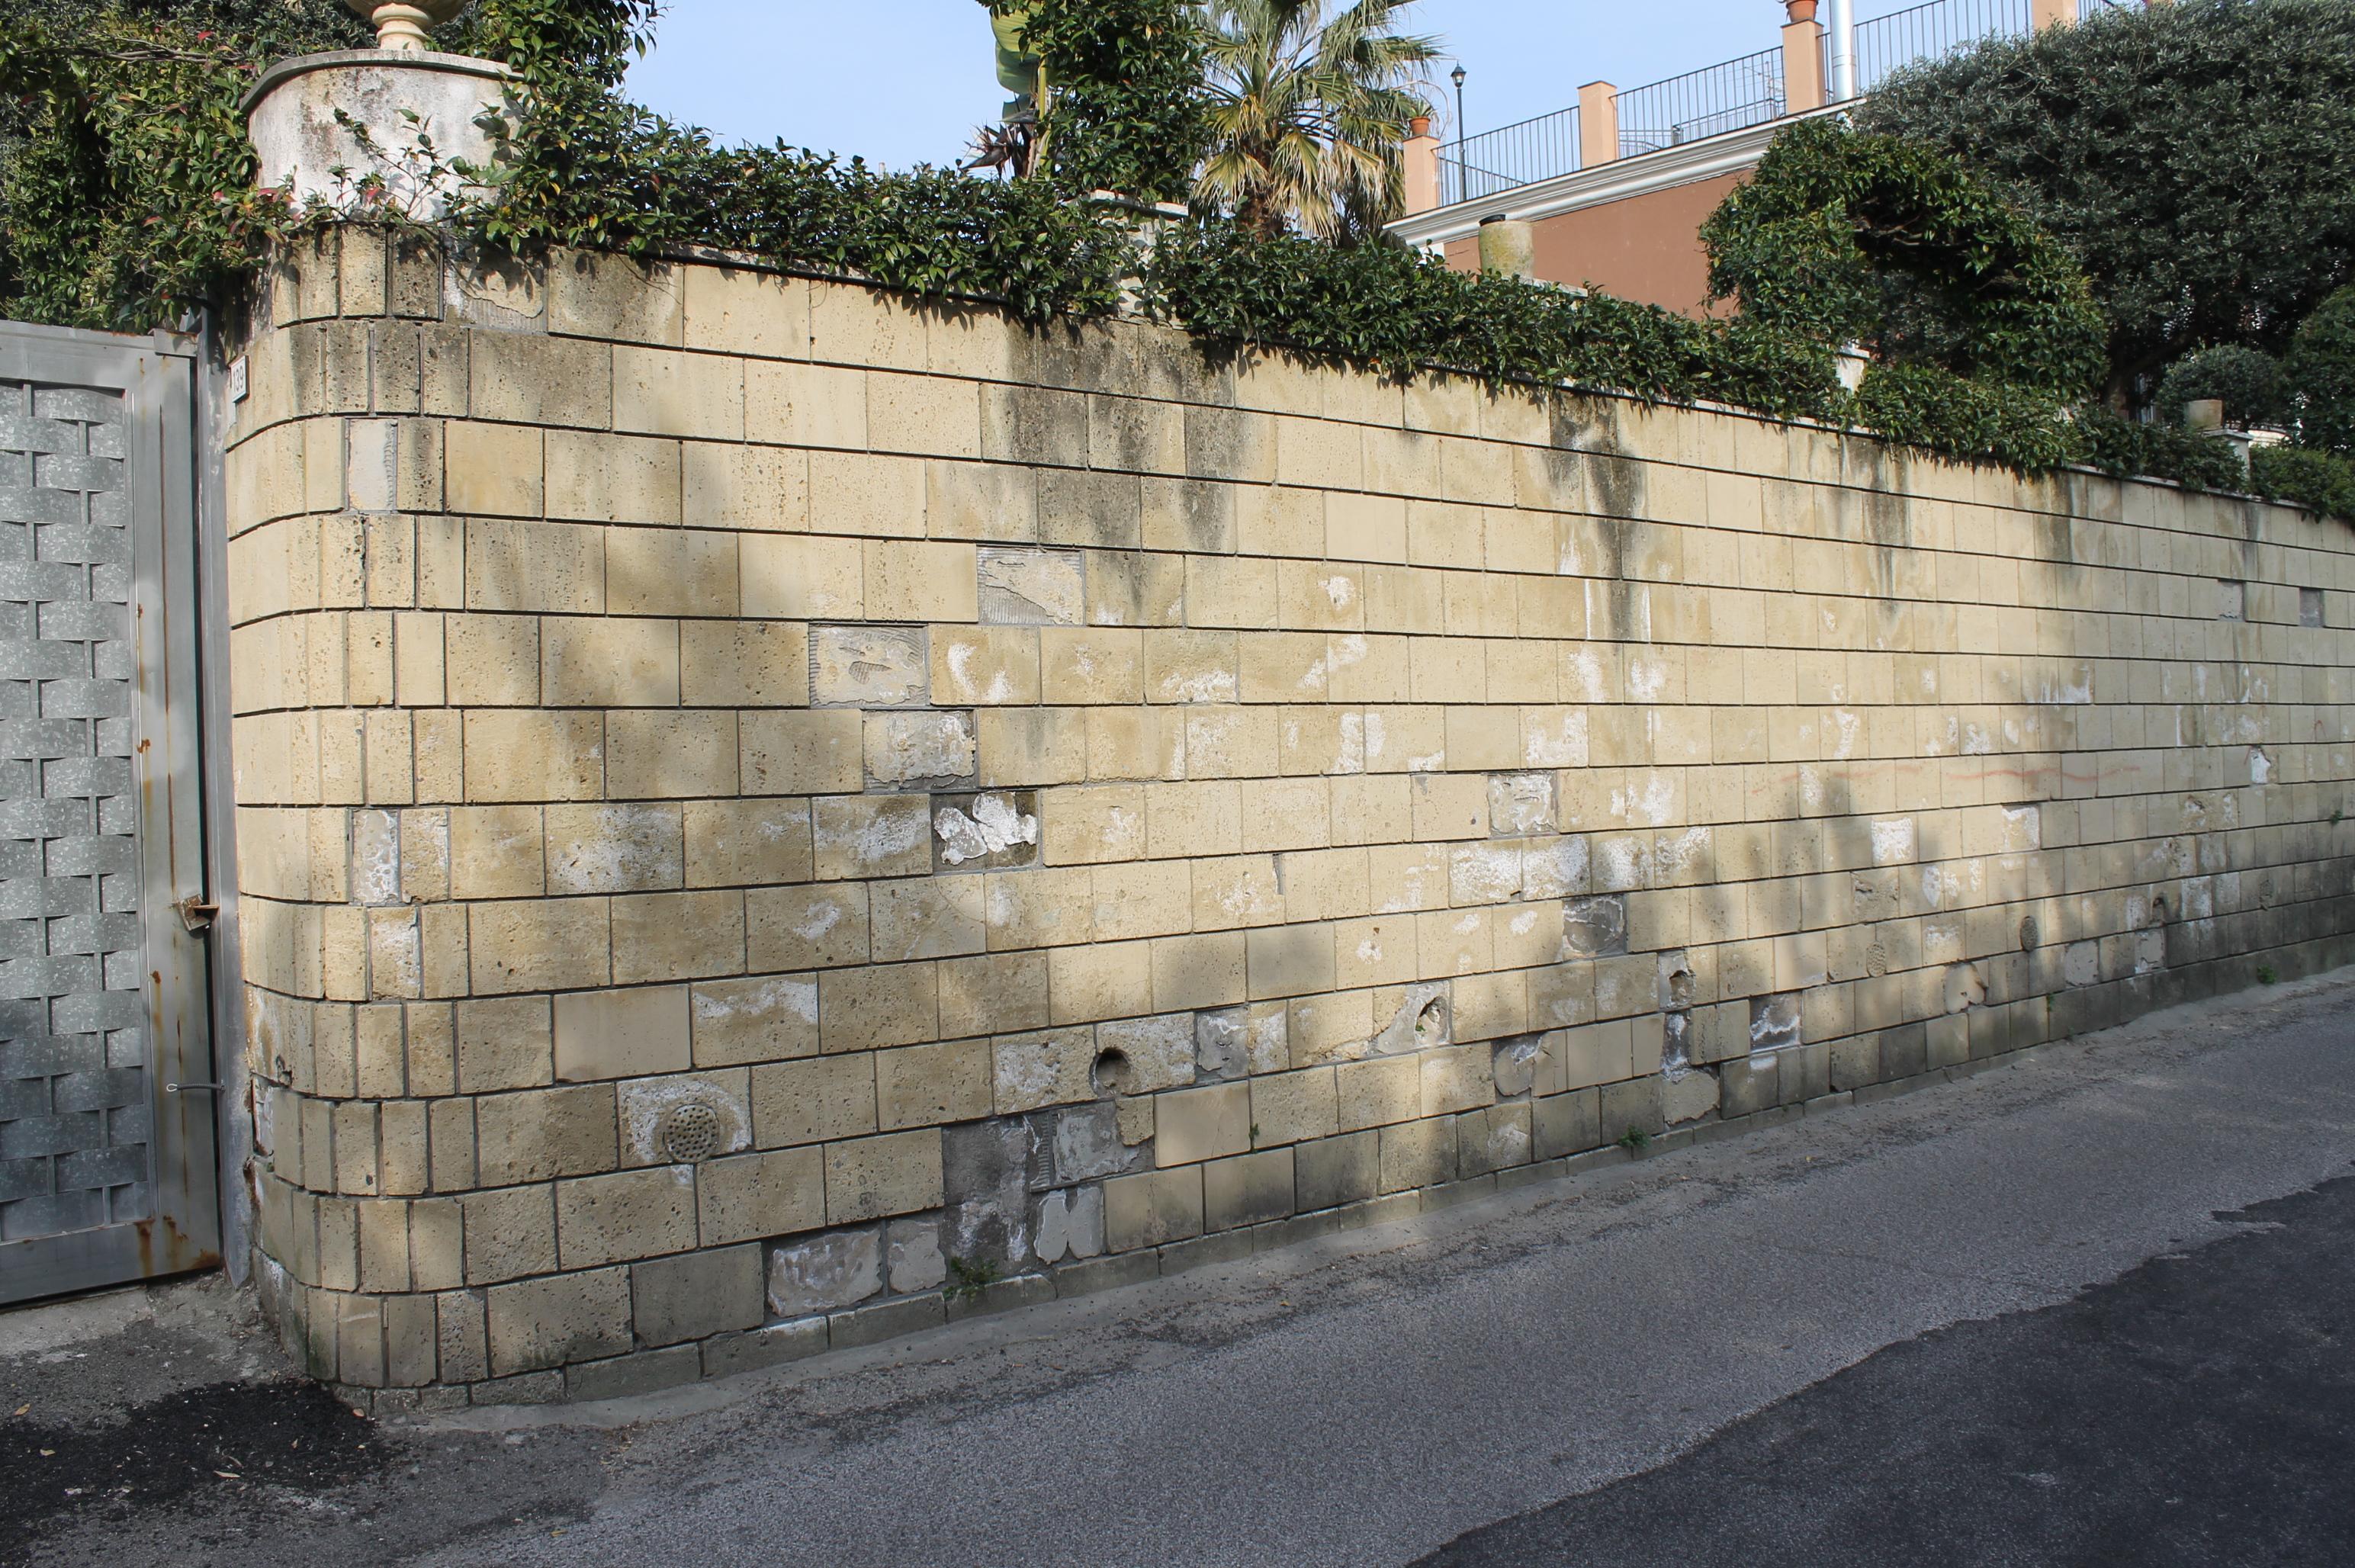 Foto Muretti Di Tufo.Il Risanamento Di Muri Di Sostegno Terrapieni In Tufo